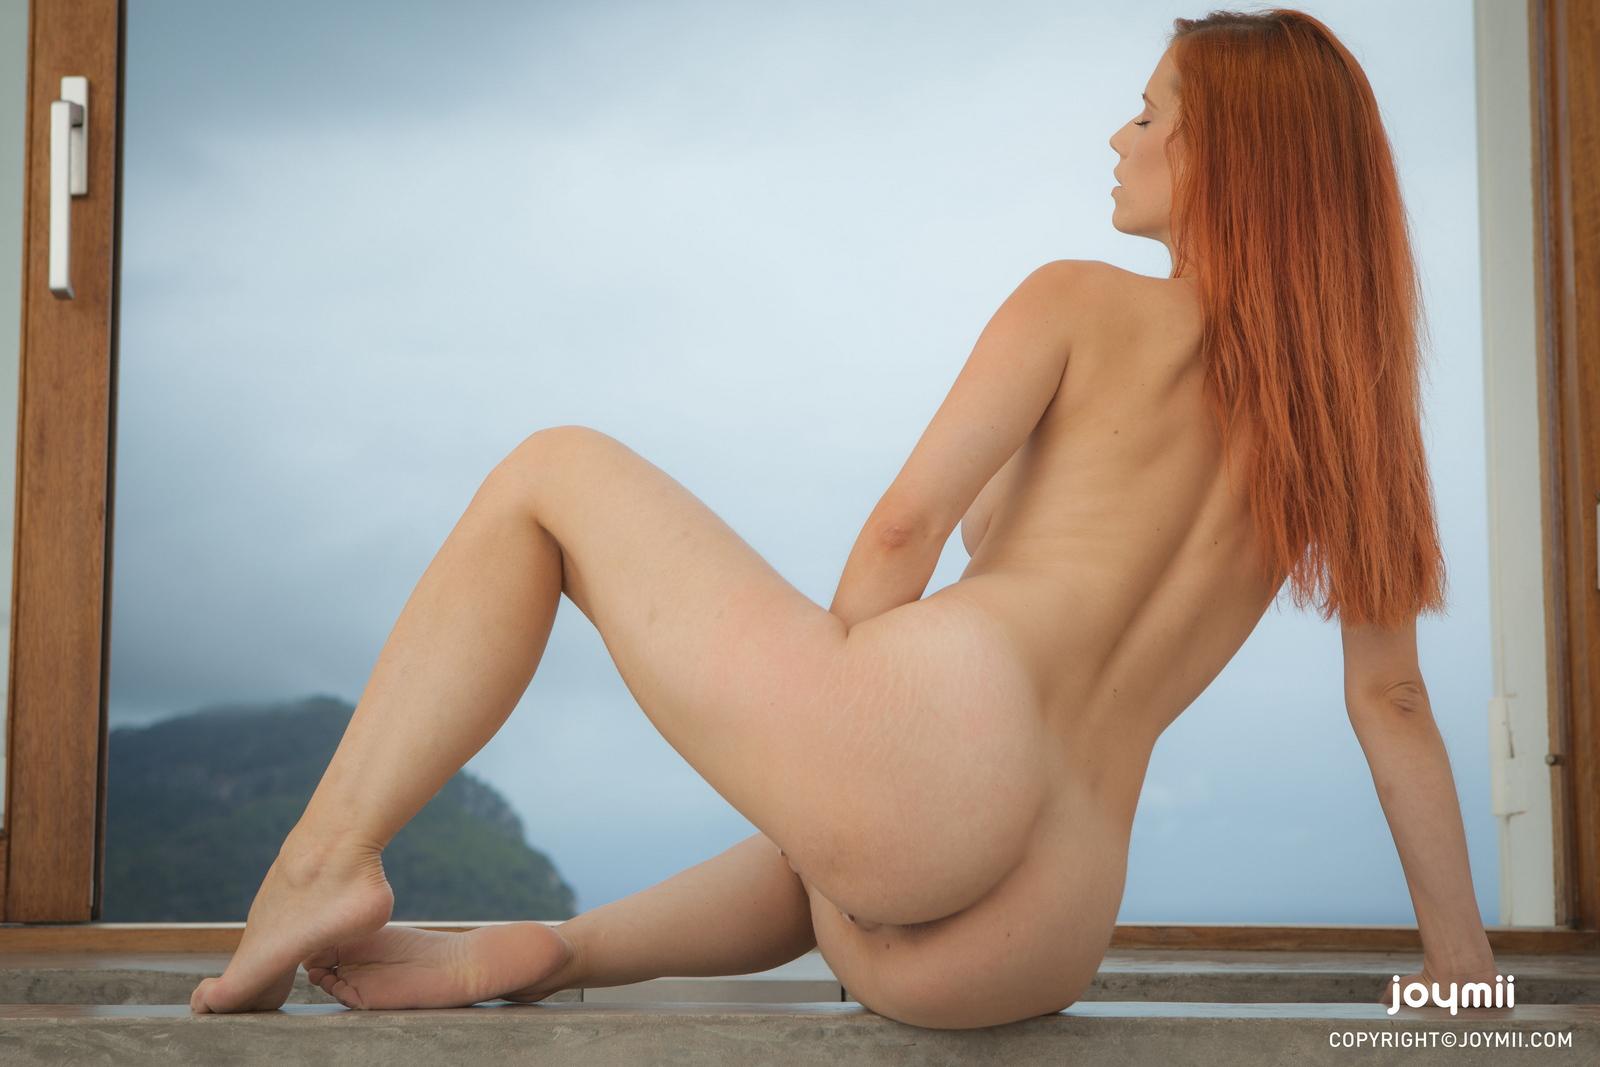 ariel-redhead-bathroom-naked-boobs-joymii-32